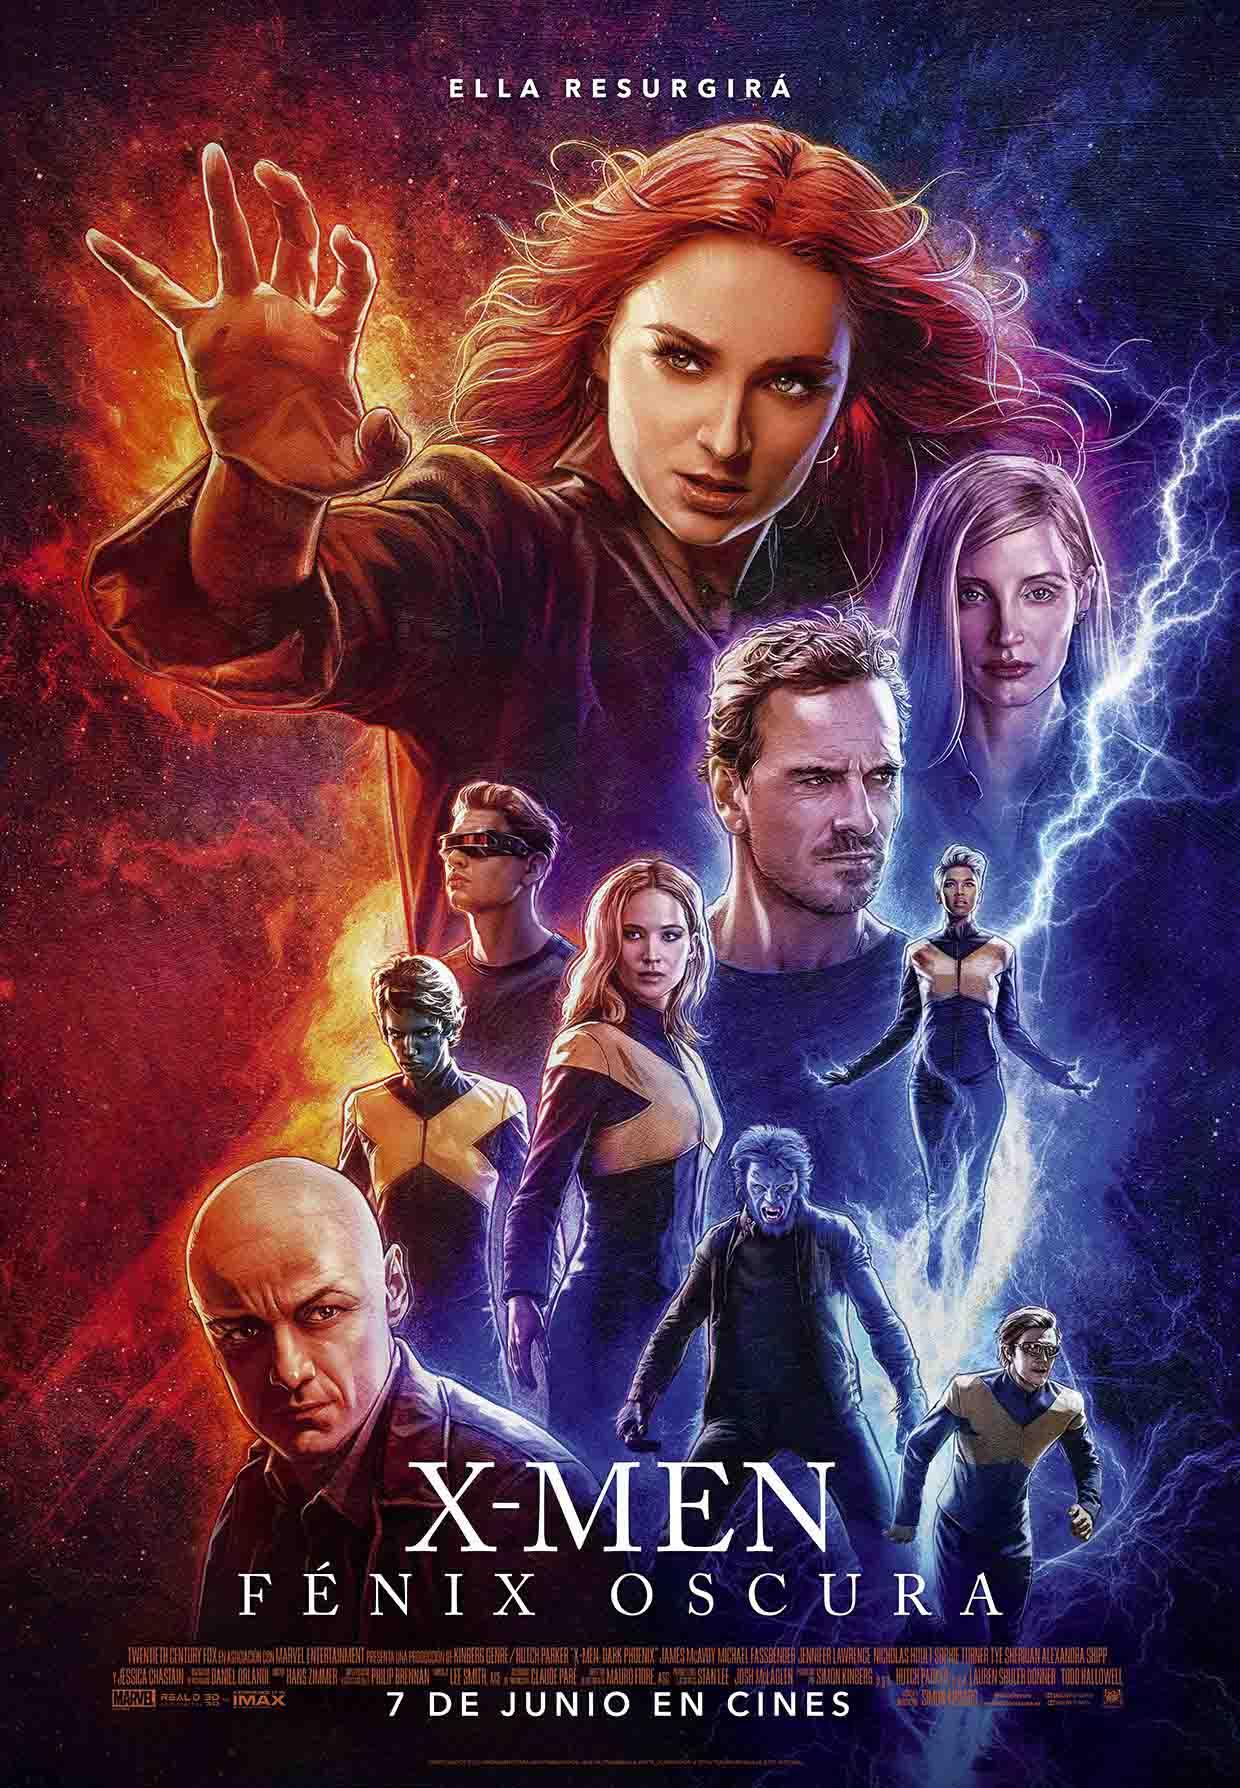 X-Men Fenix Oscura poster